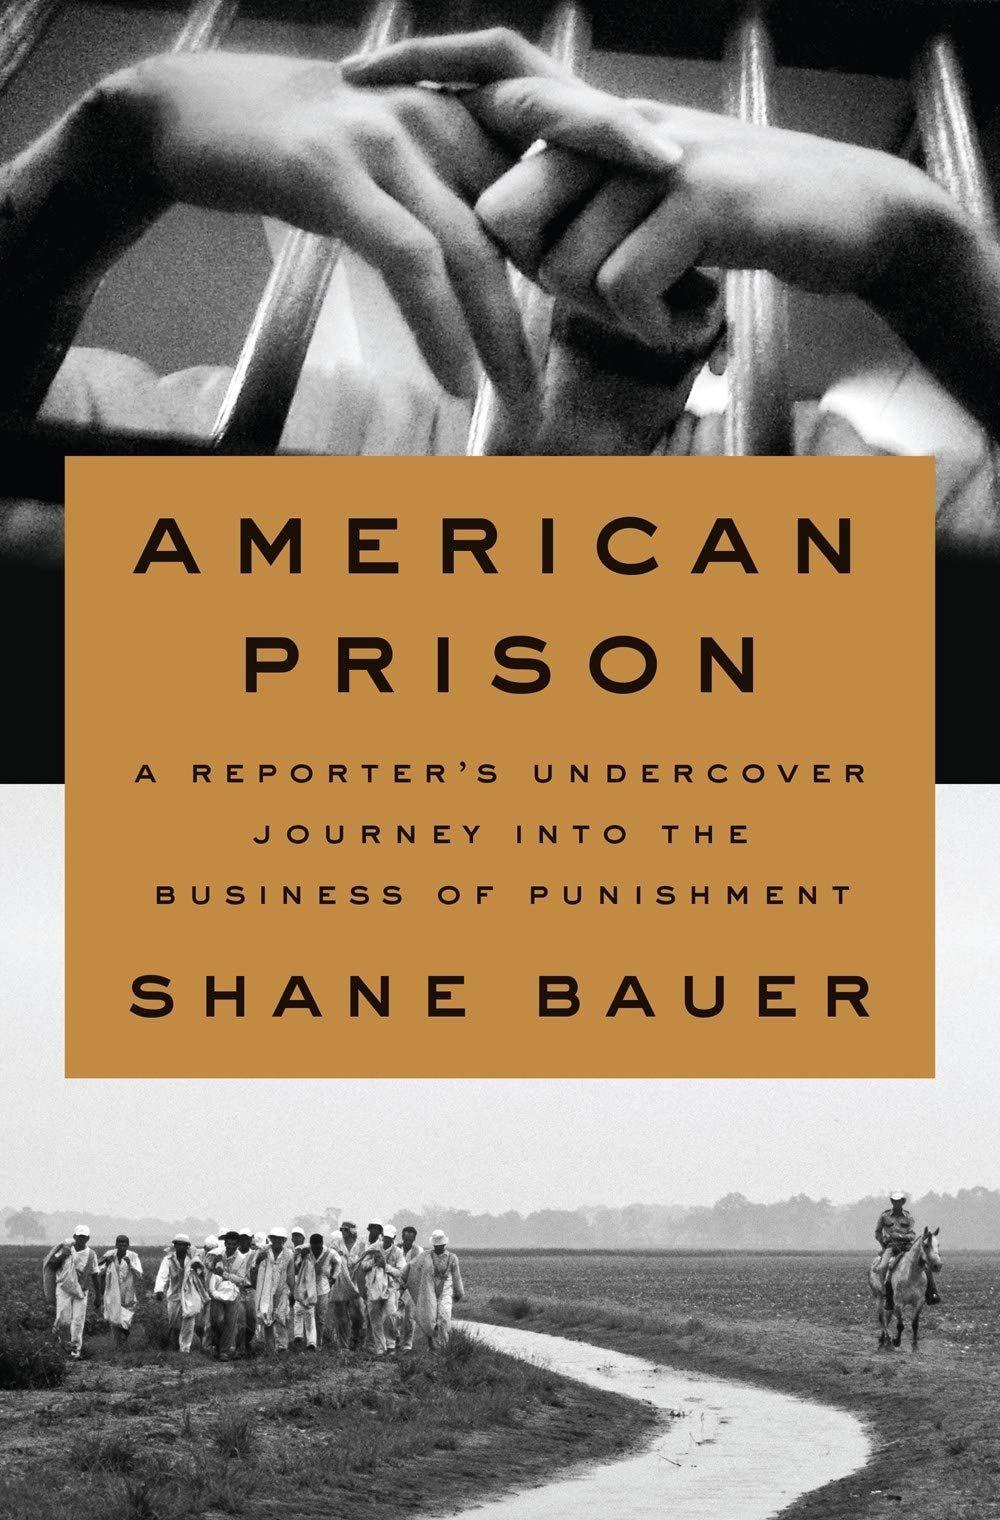 Download American Prison Shane Bauer PDF, American Prison